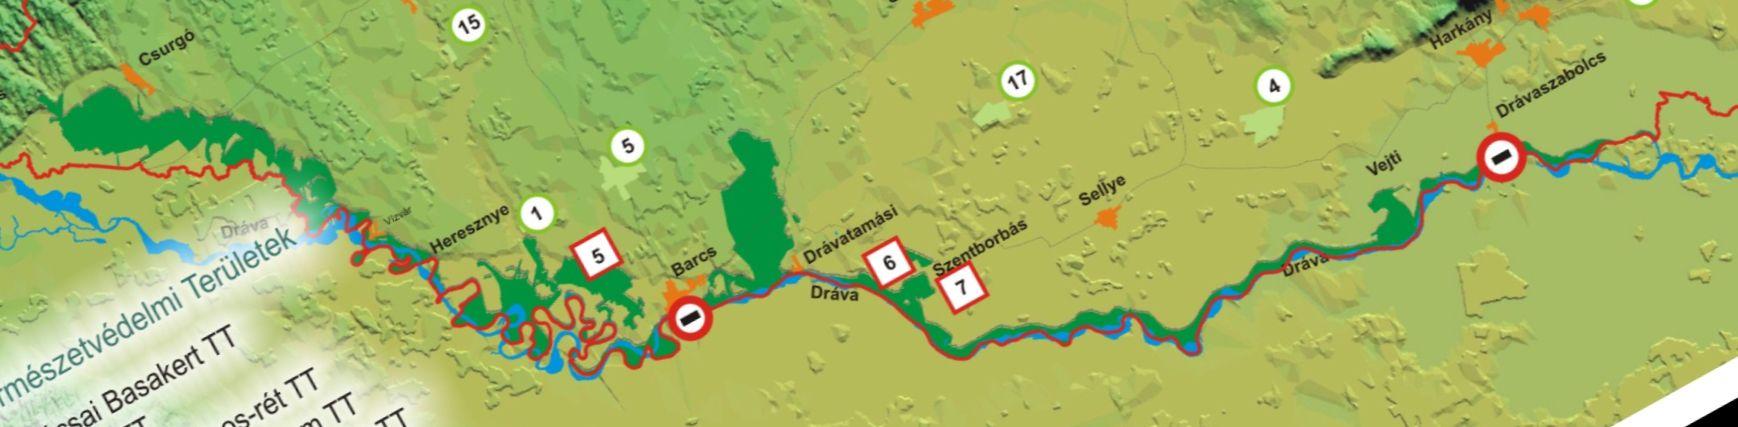 Duna-Dráva NP térkép hátoldali térkép: a Dráva magyar szakasza